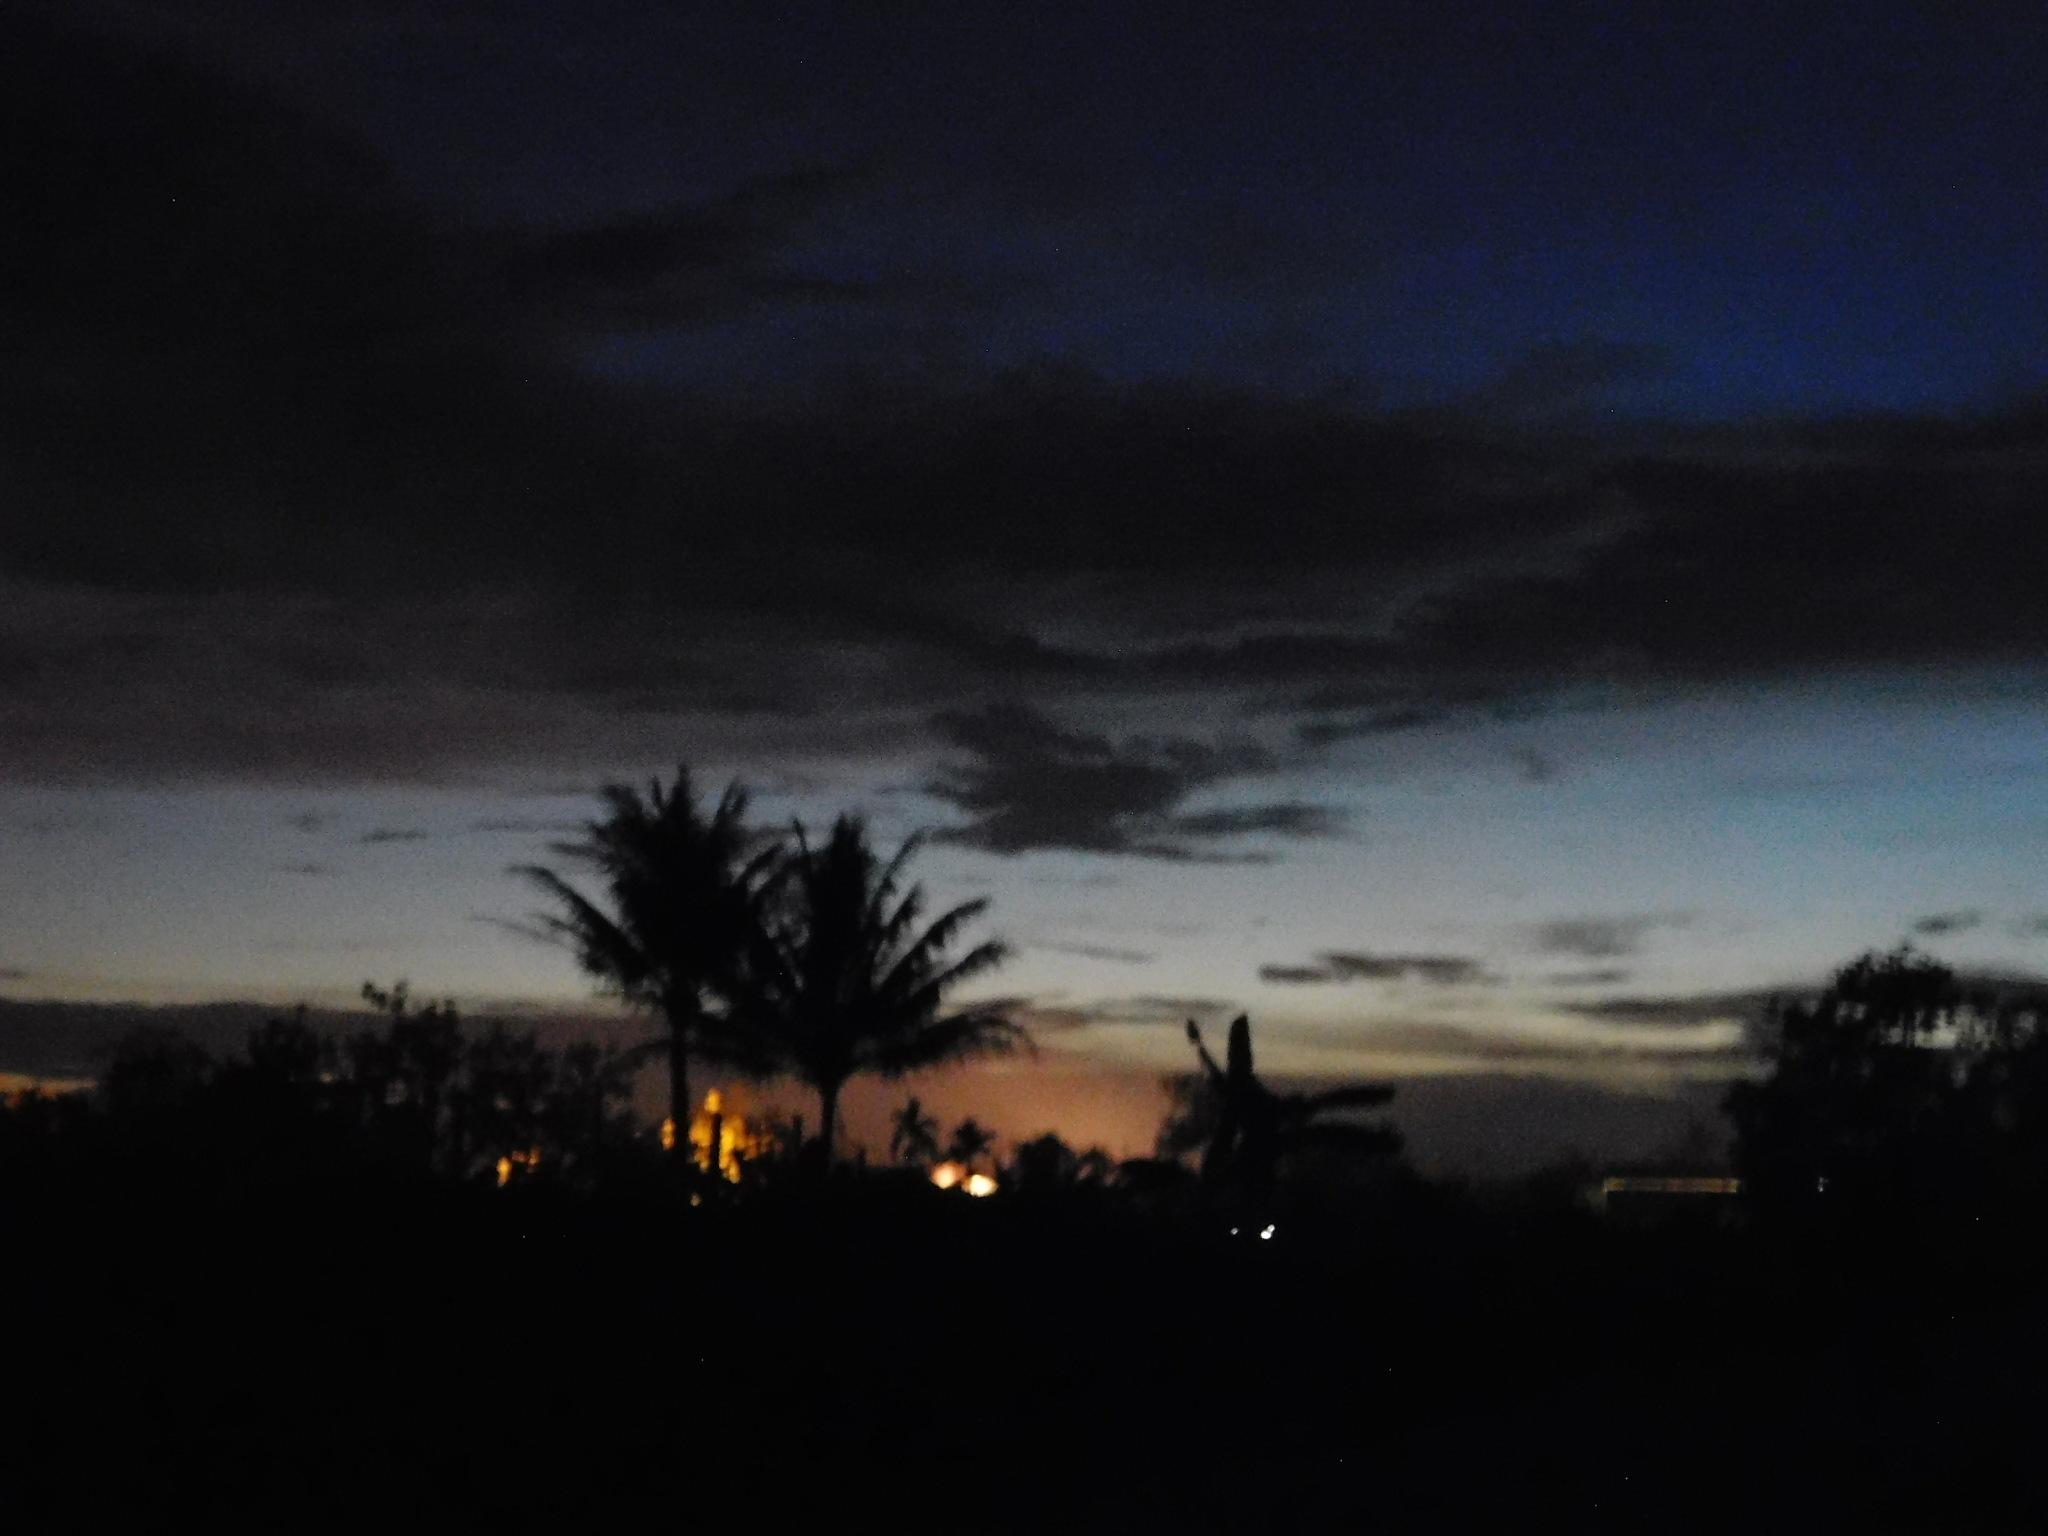 Evening sky by Jaylyn_Kere2